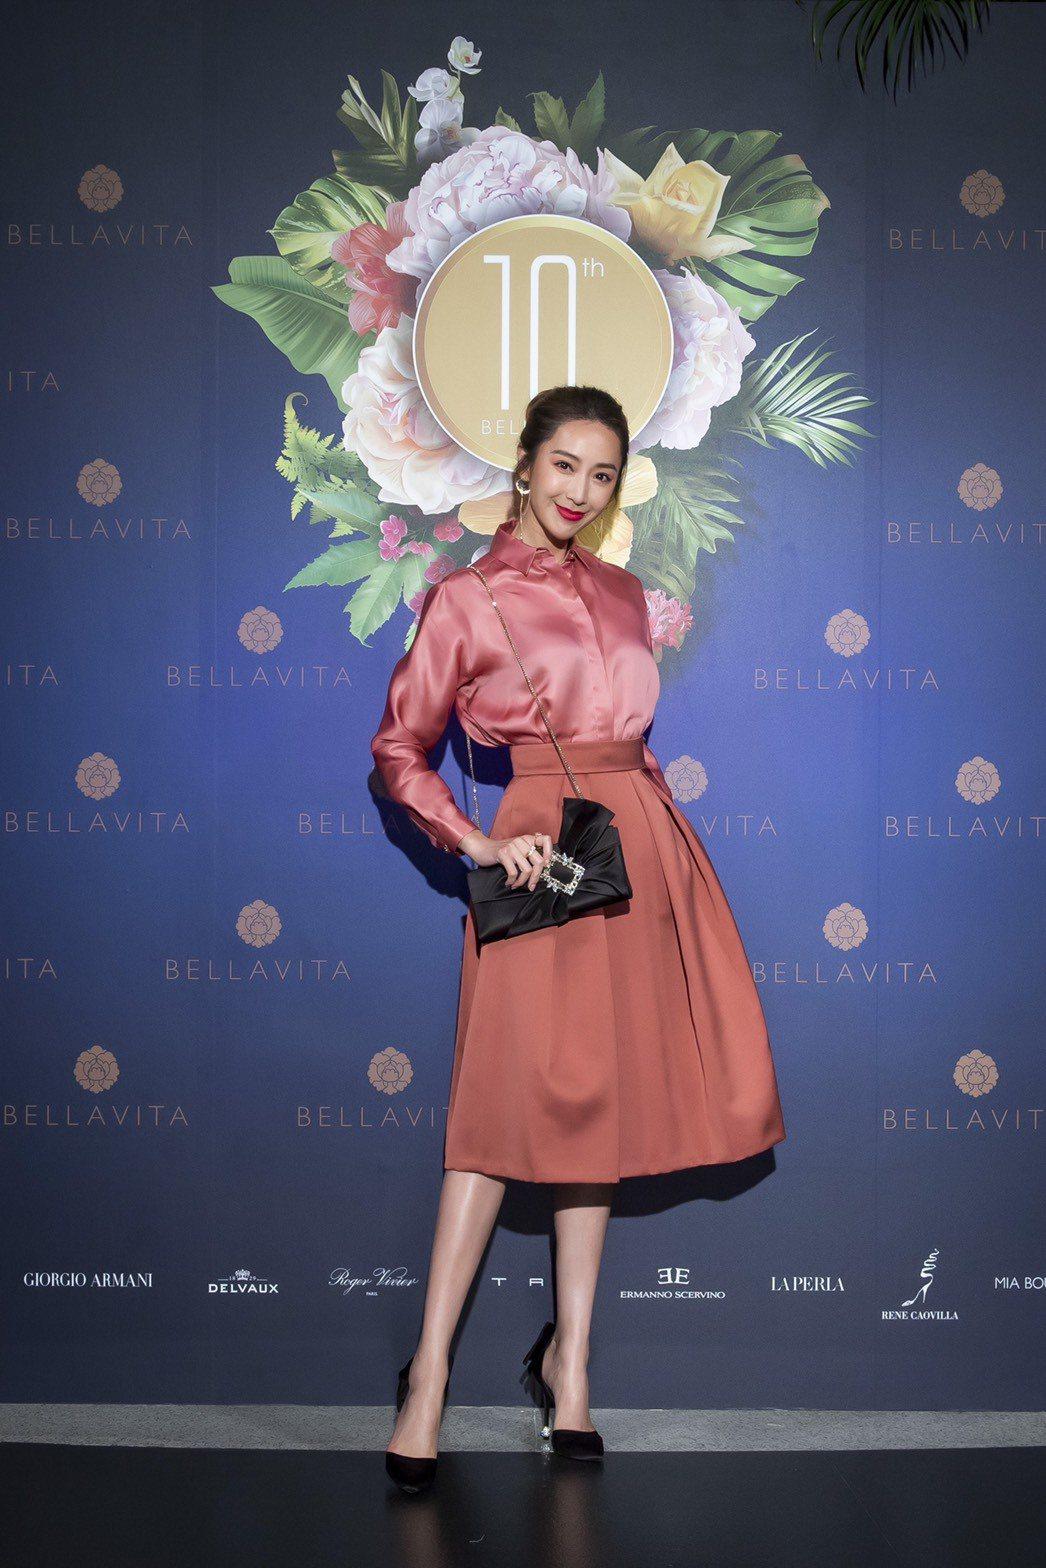 隋棠出席BELLAVITA 10周年時尚派對。圖/樺舍公關提供